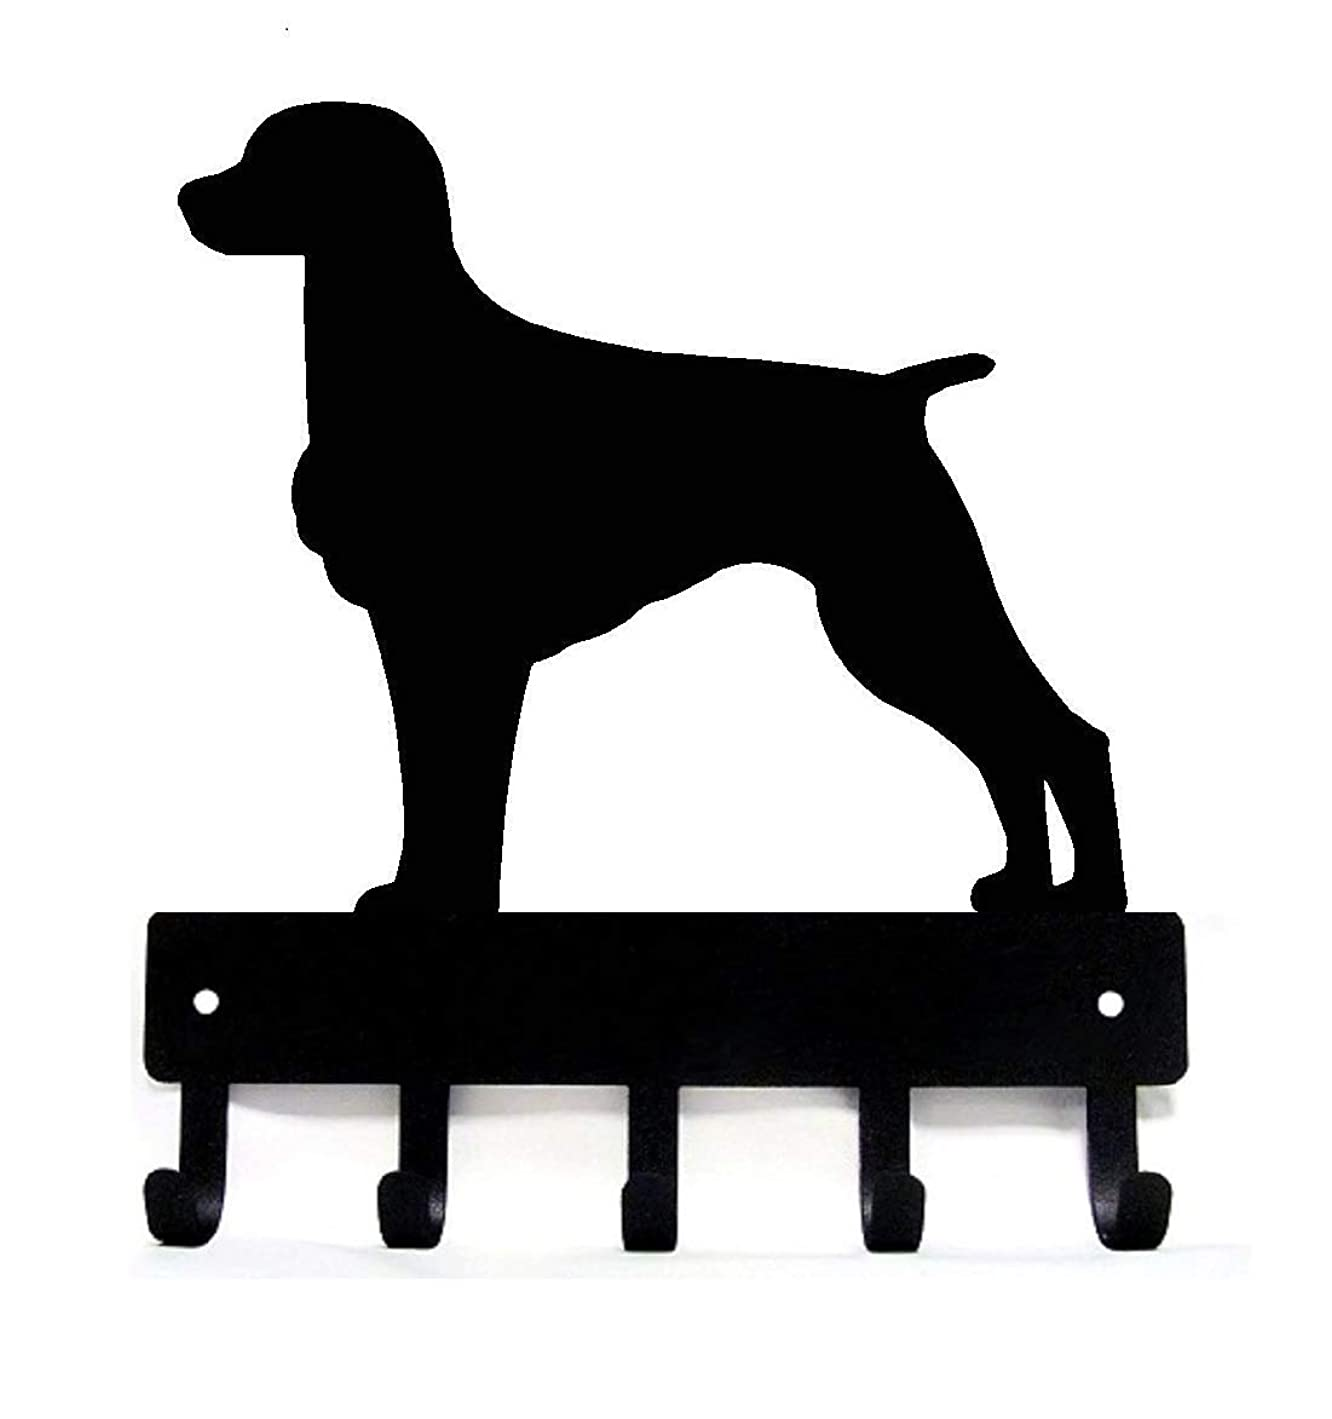 歯痛浸漬呼び起こすThe Metal Peddler Brittany キーラック 犬用リーシュハンガー Small 6 inch wide ブラック KR-Brittany-SM